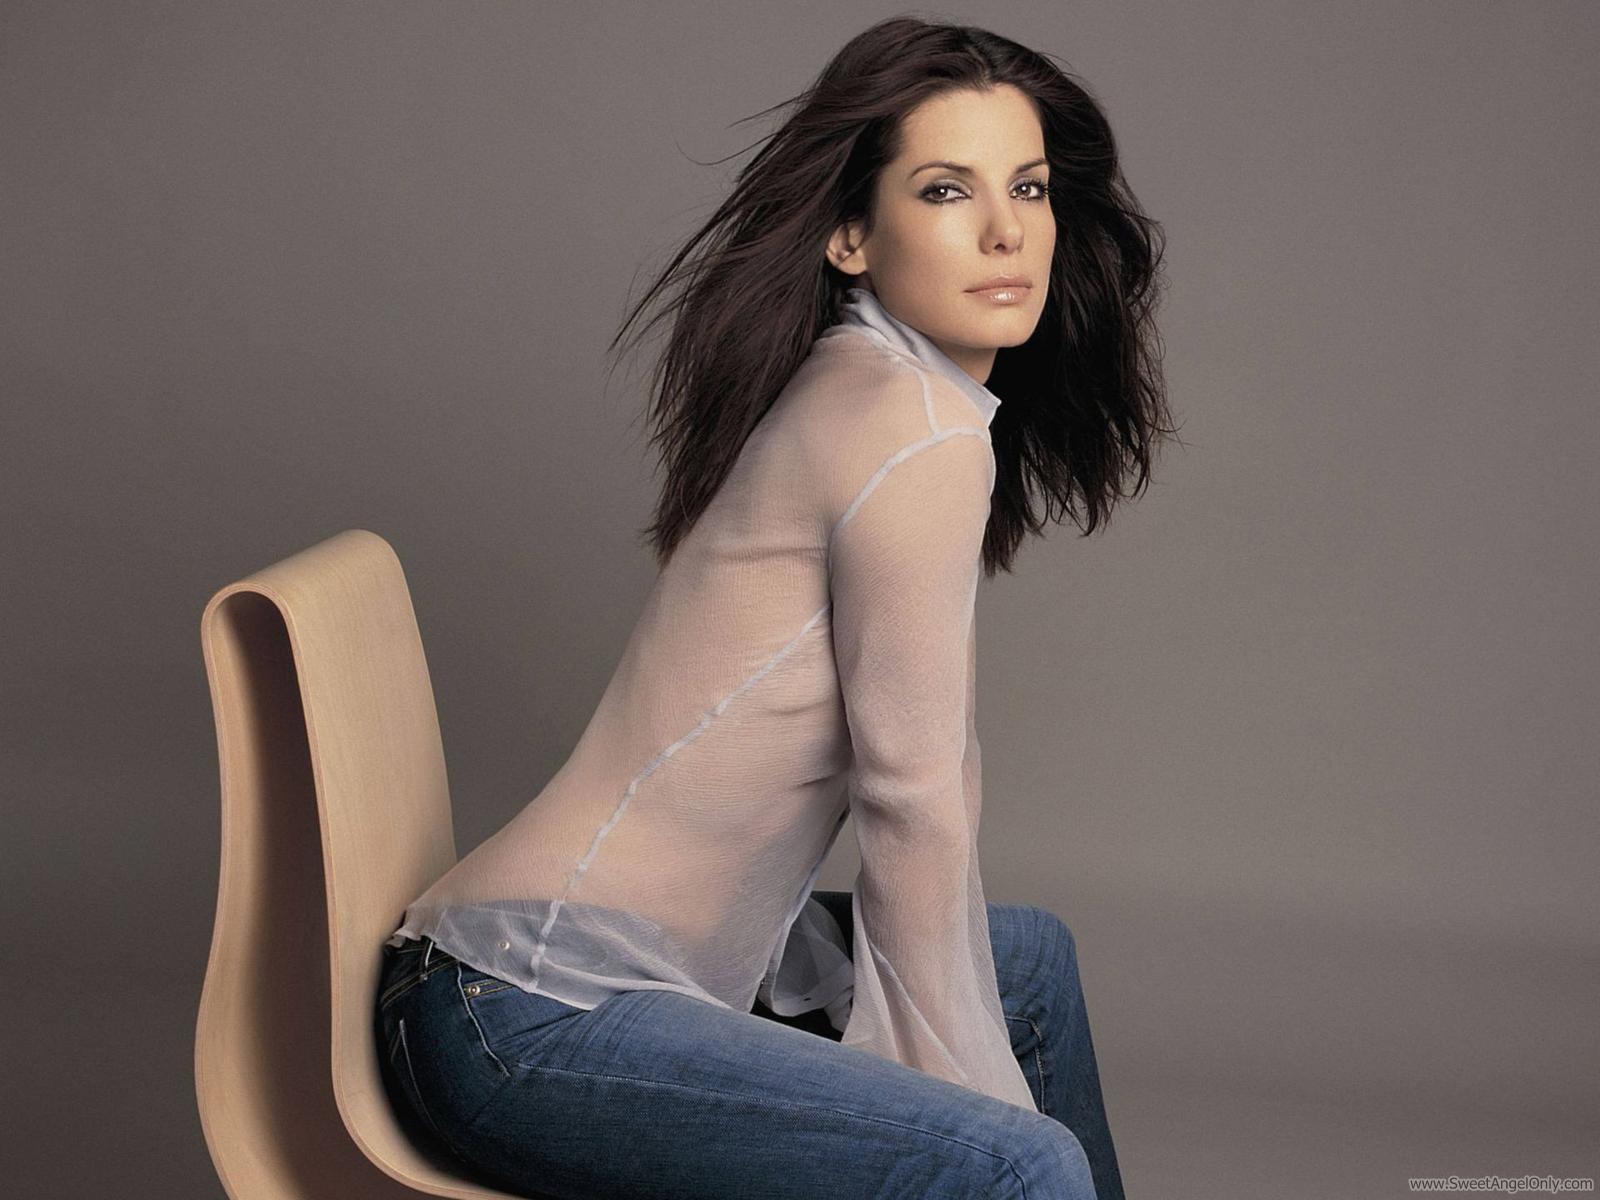 http://1.bp.blogspot.com/-TMzbjtZjUUY/Tt3lL5Xe8SI/AAAAAAAACJk/NDO3Azgqn3M/s1600/sandra_bullock_actress_wallpaper_10-1600x1200.jpg